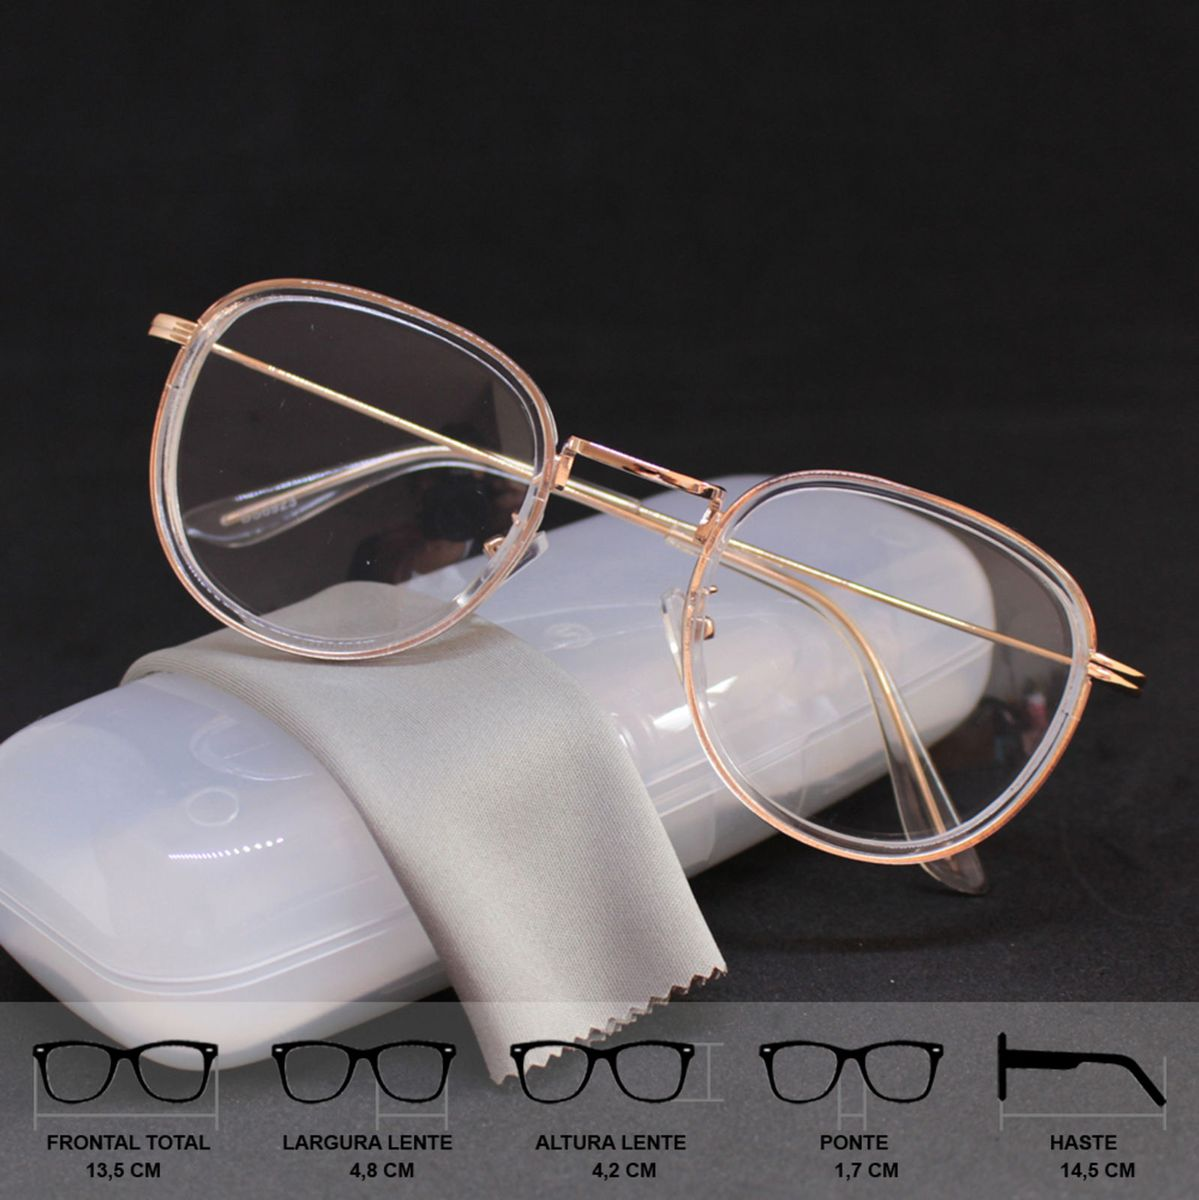 850c2eaed5ae8 não reativar - armação óculos para grau feminina vintage retrô fashion  transparente - óculos crius